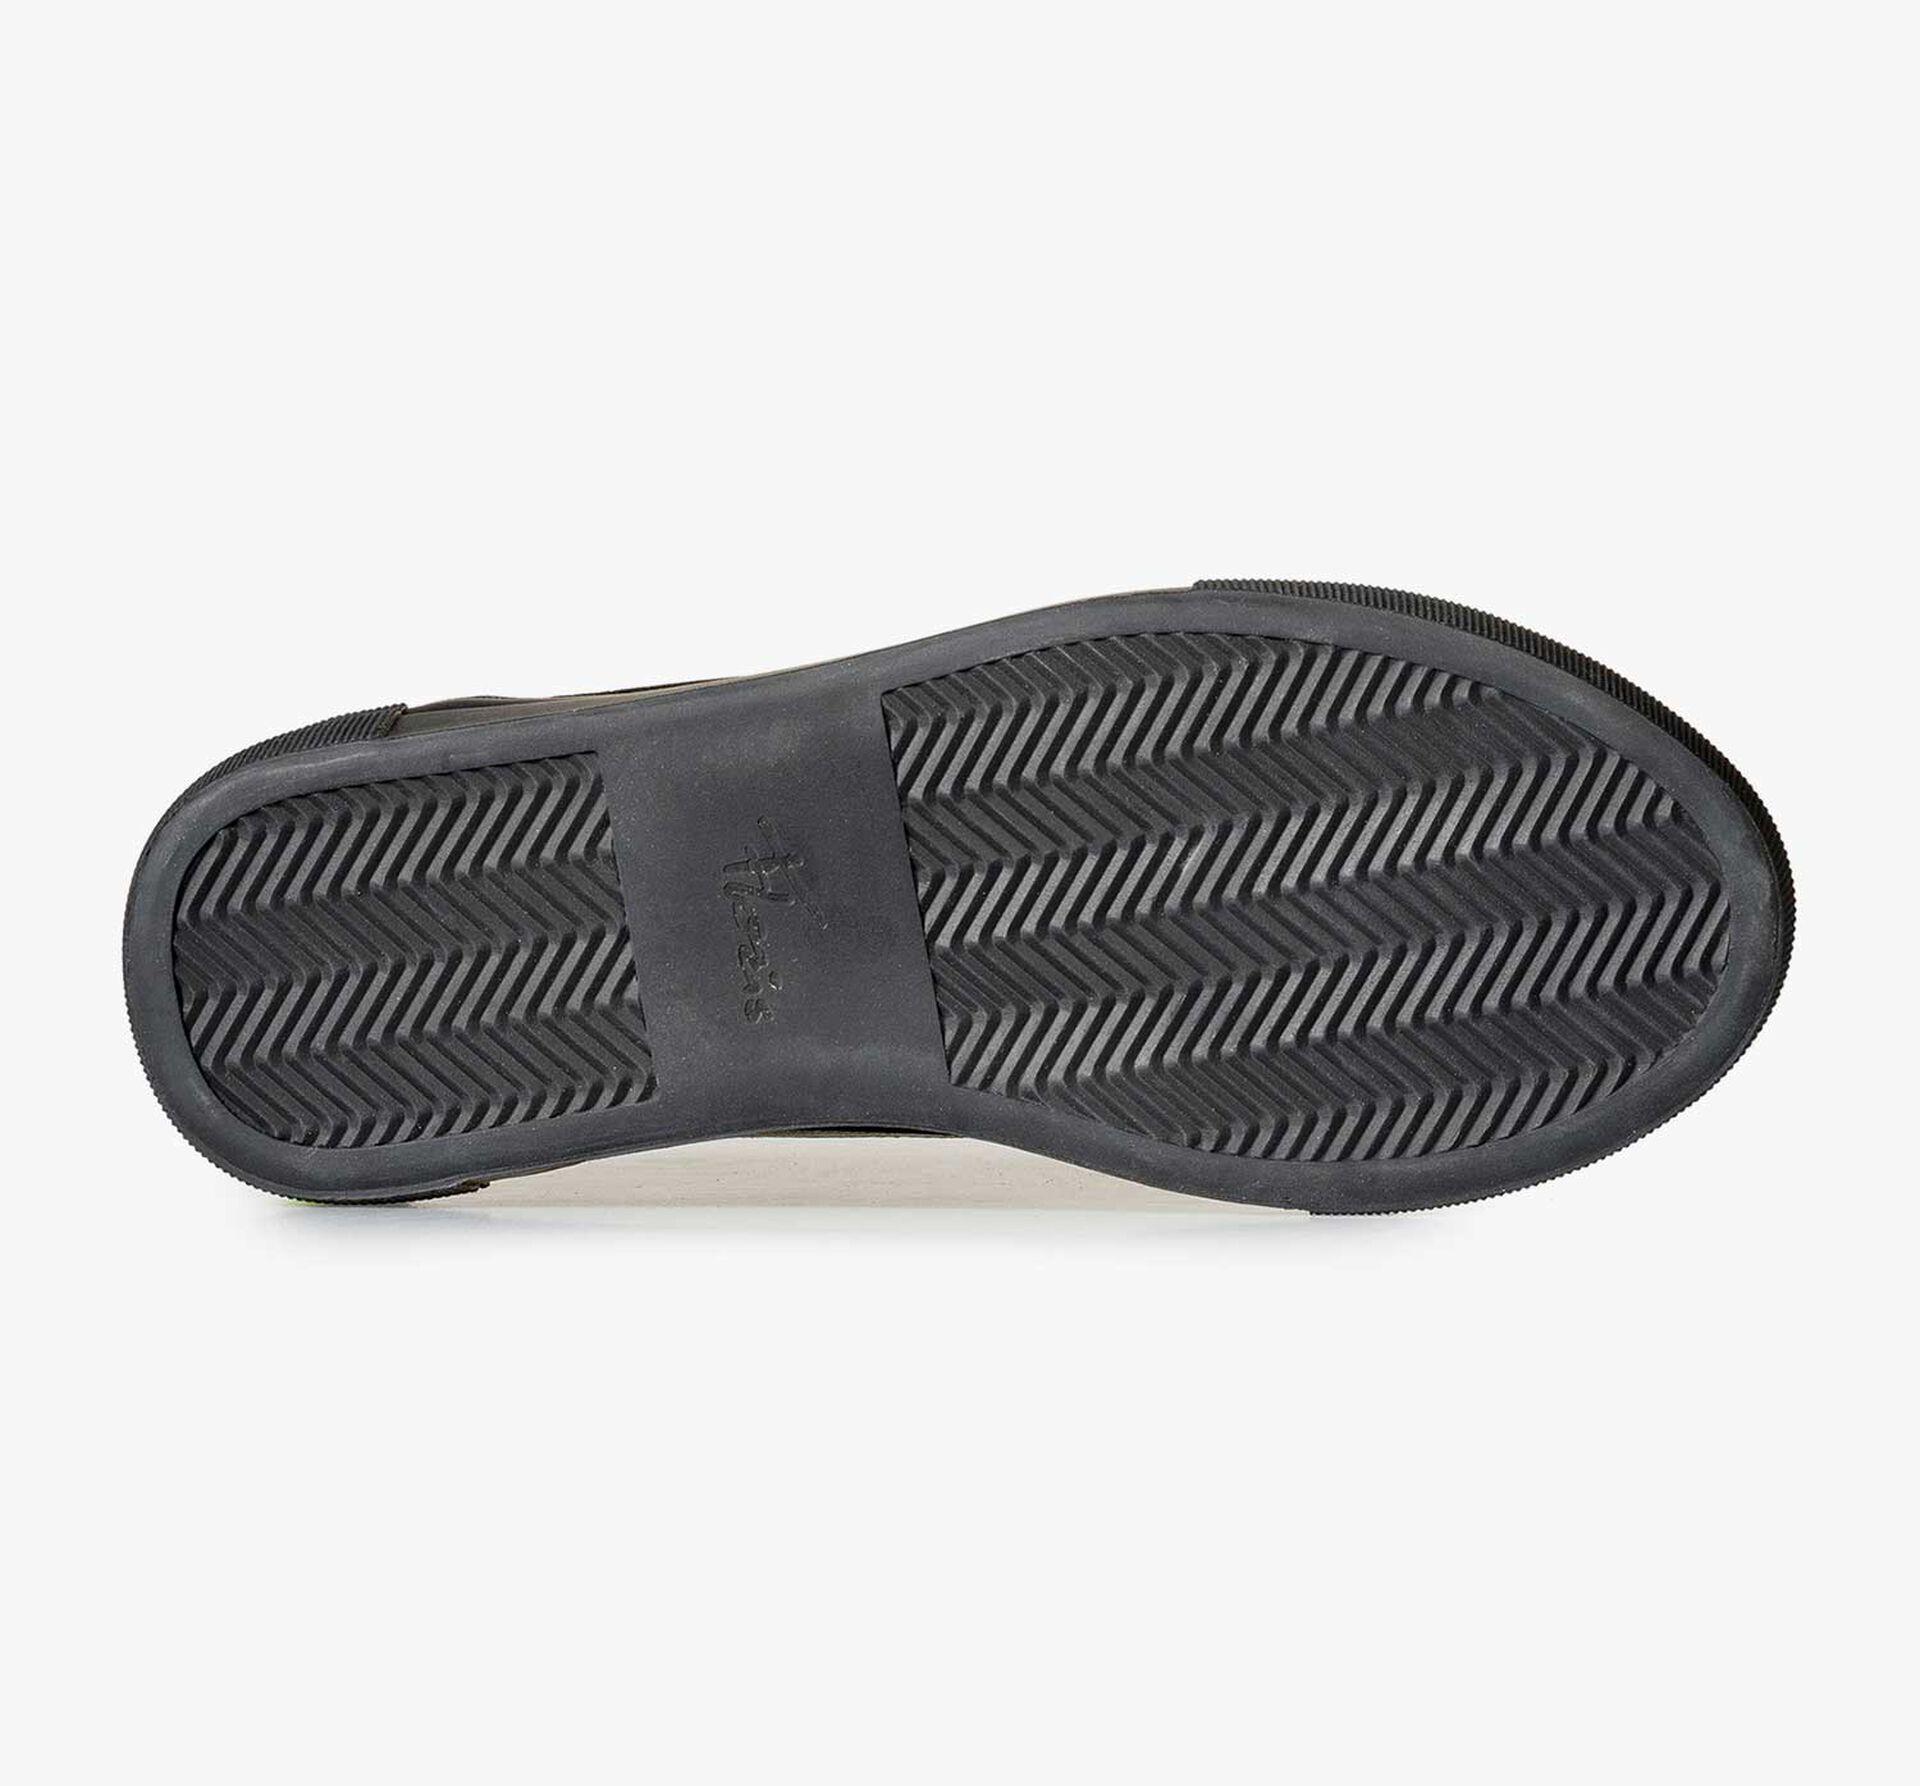 Schwarzer Leder-Sneaker mit schwarzer Cupsohle